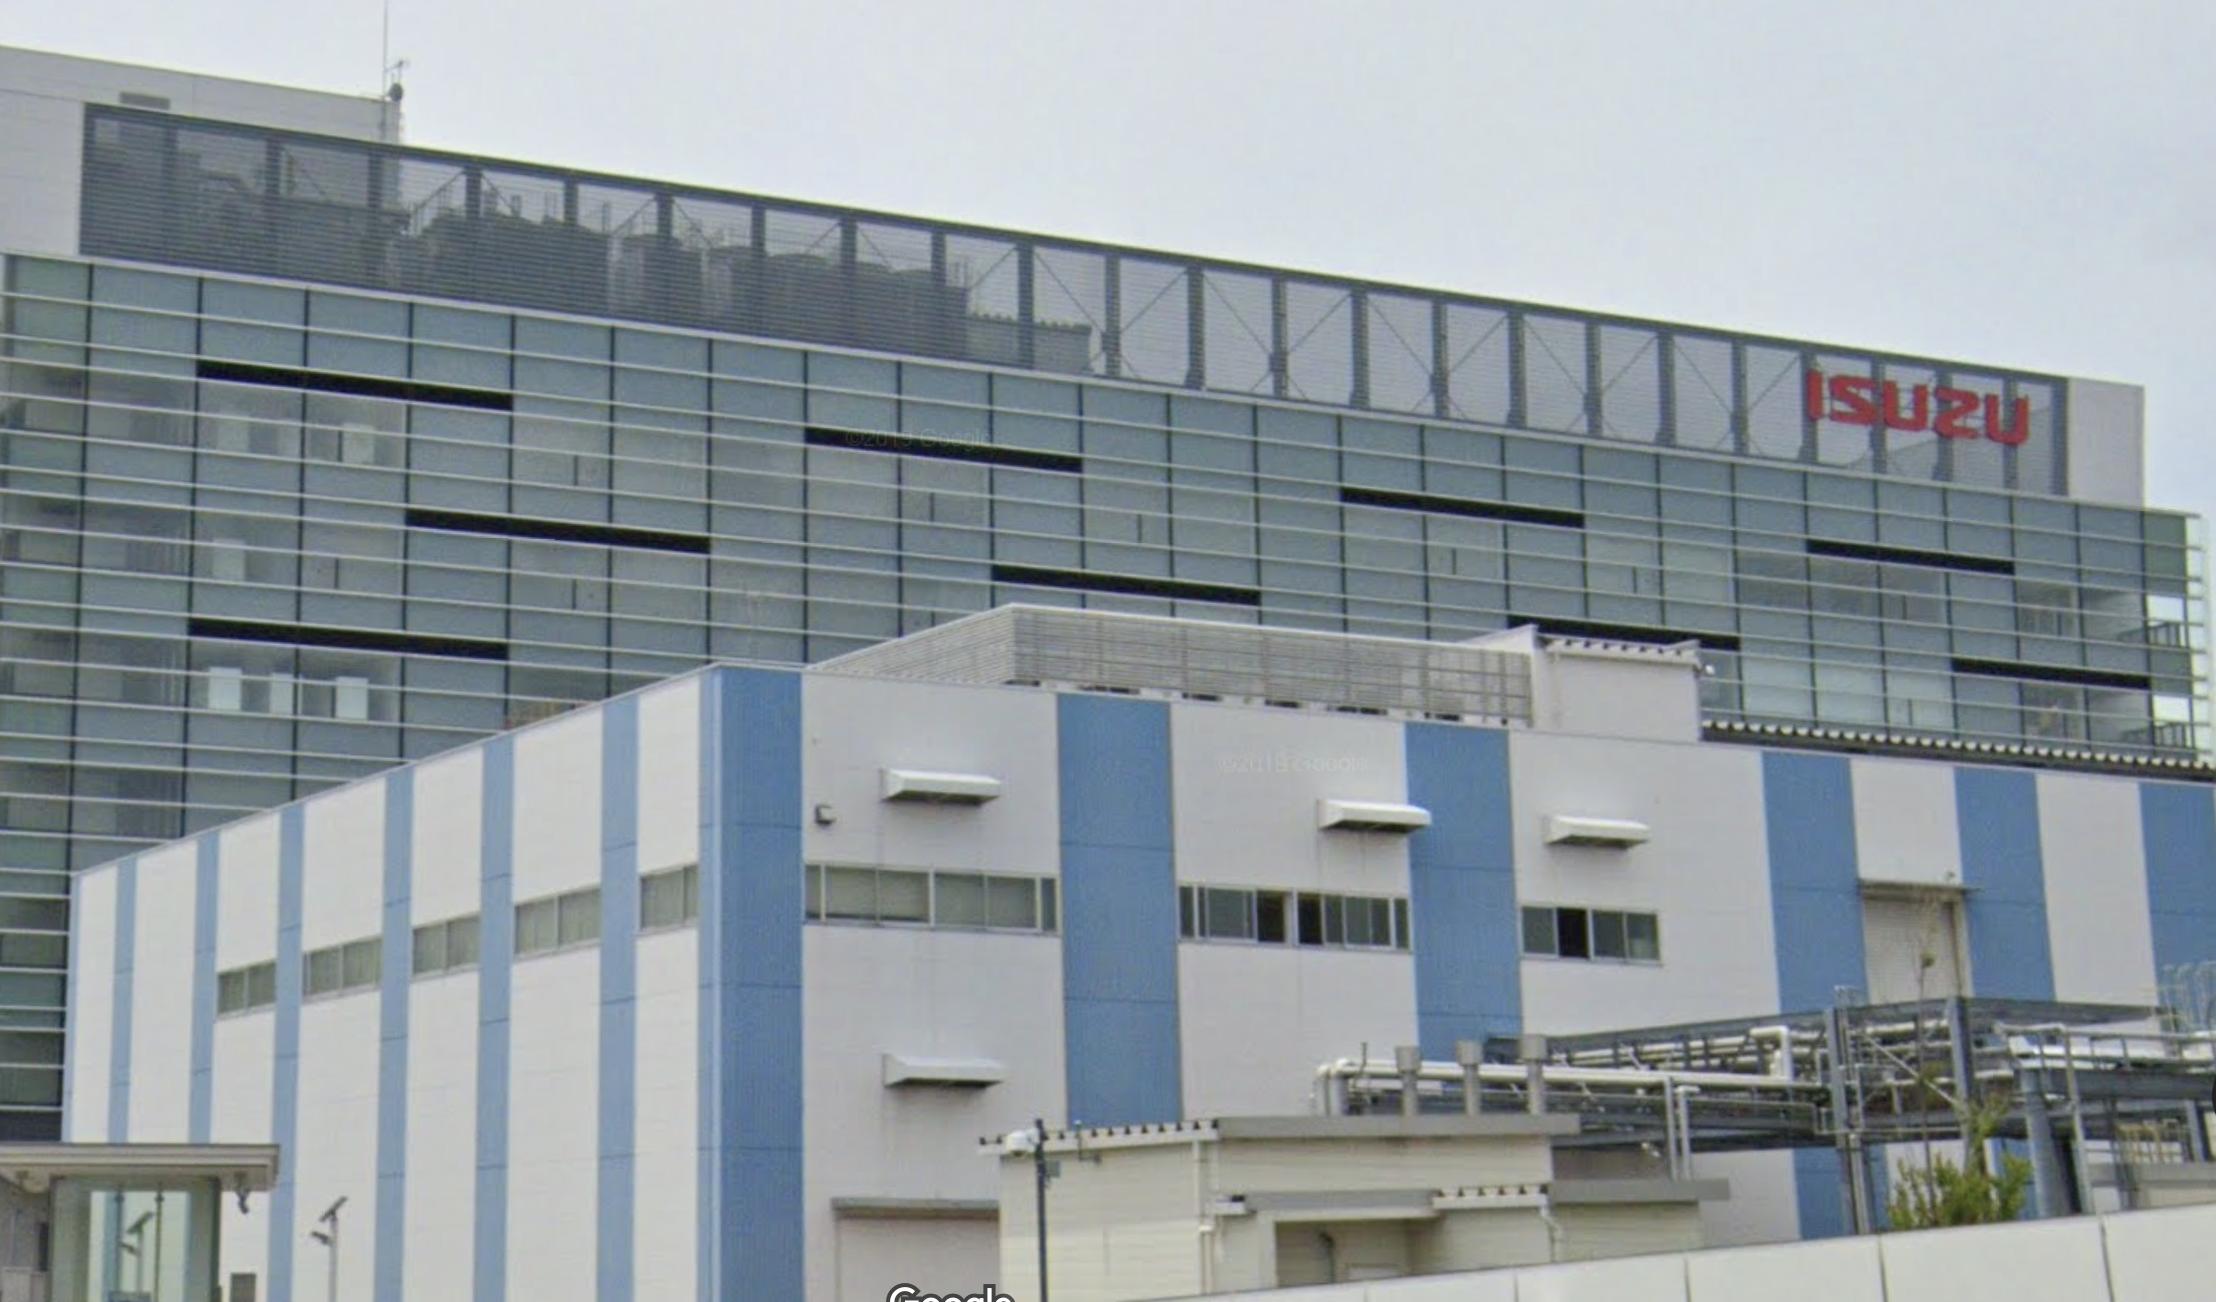 【いすゞ藤沢工場】期間工の寮の特徴